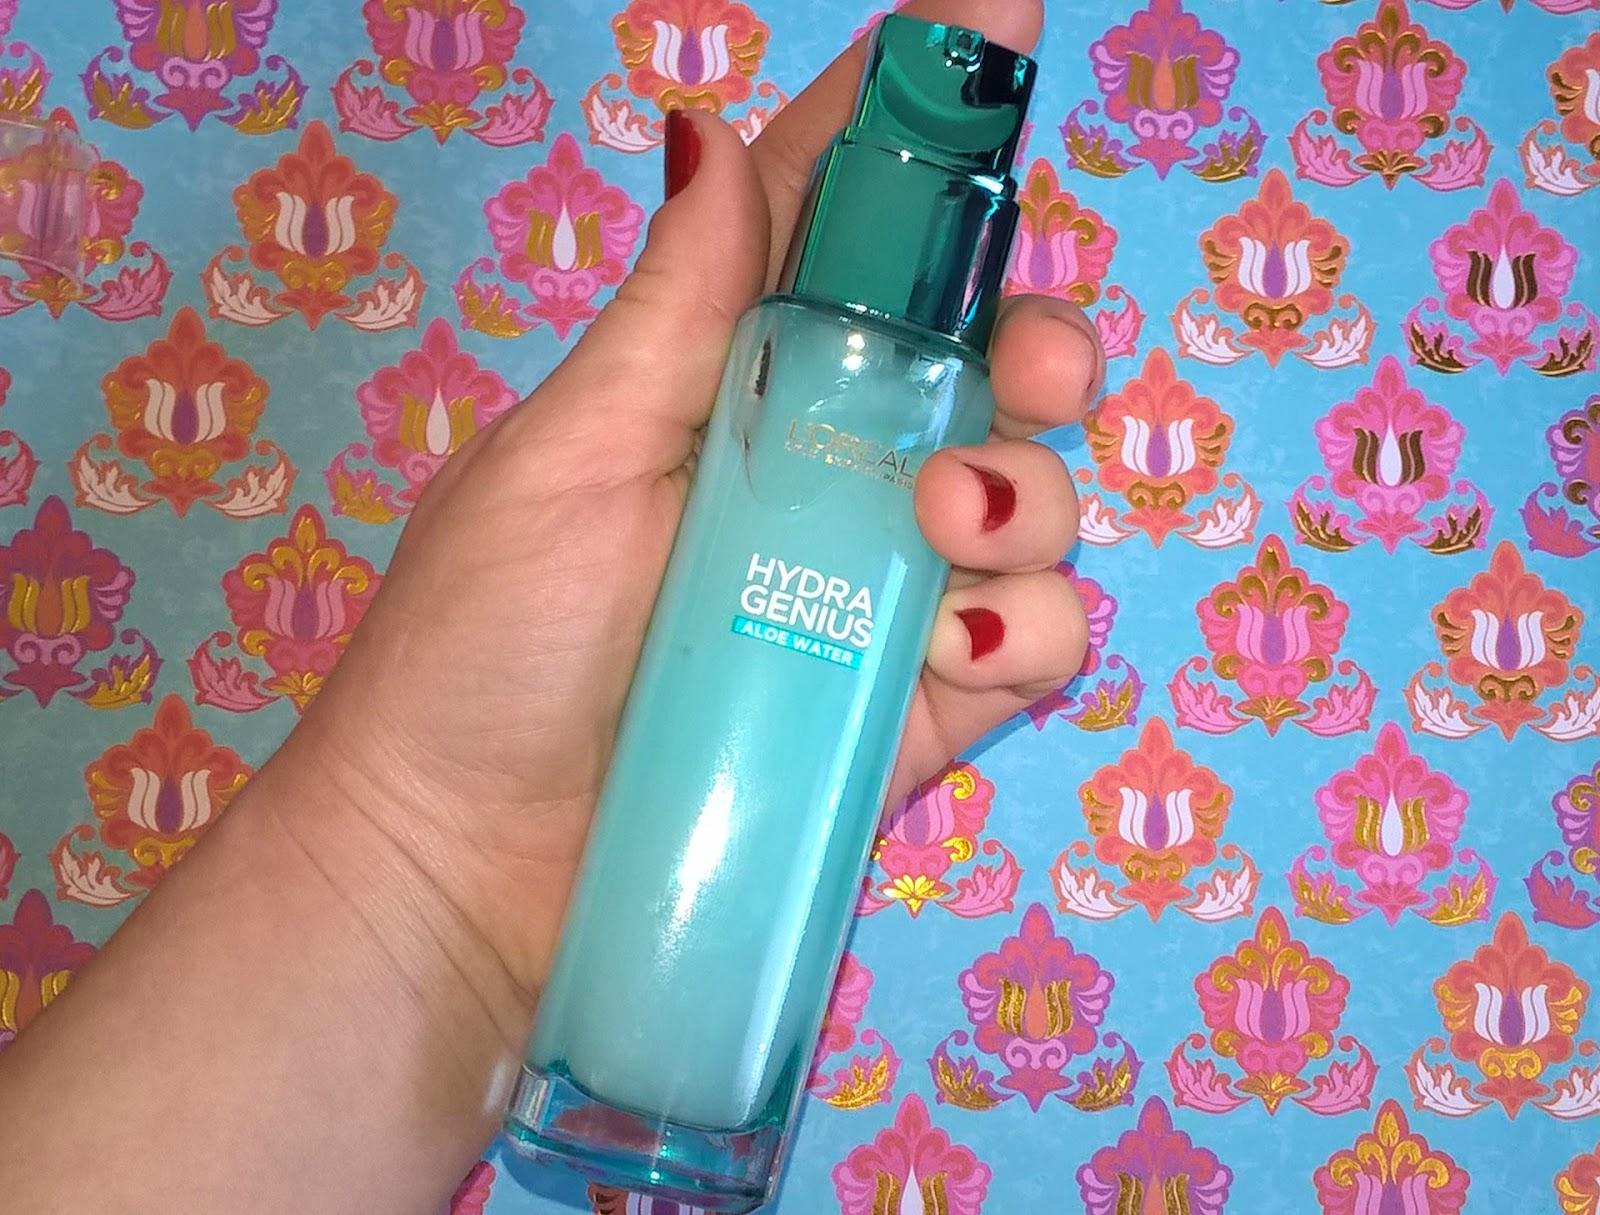 Test du soin liquide Hydra Genius de L'Oréal